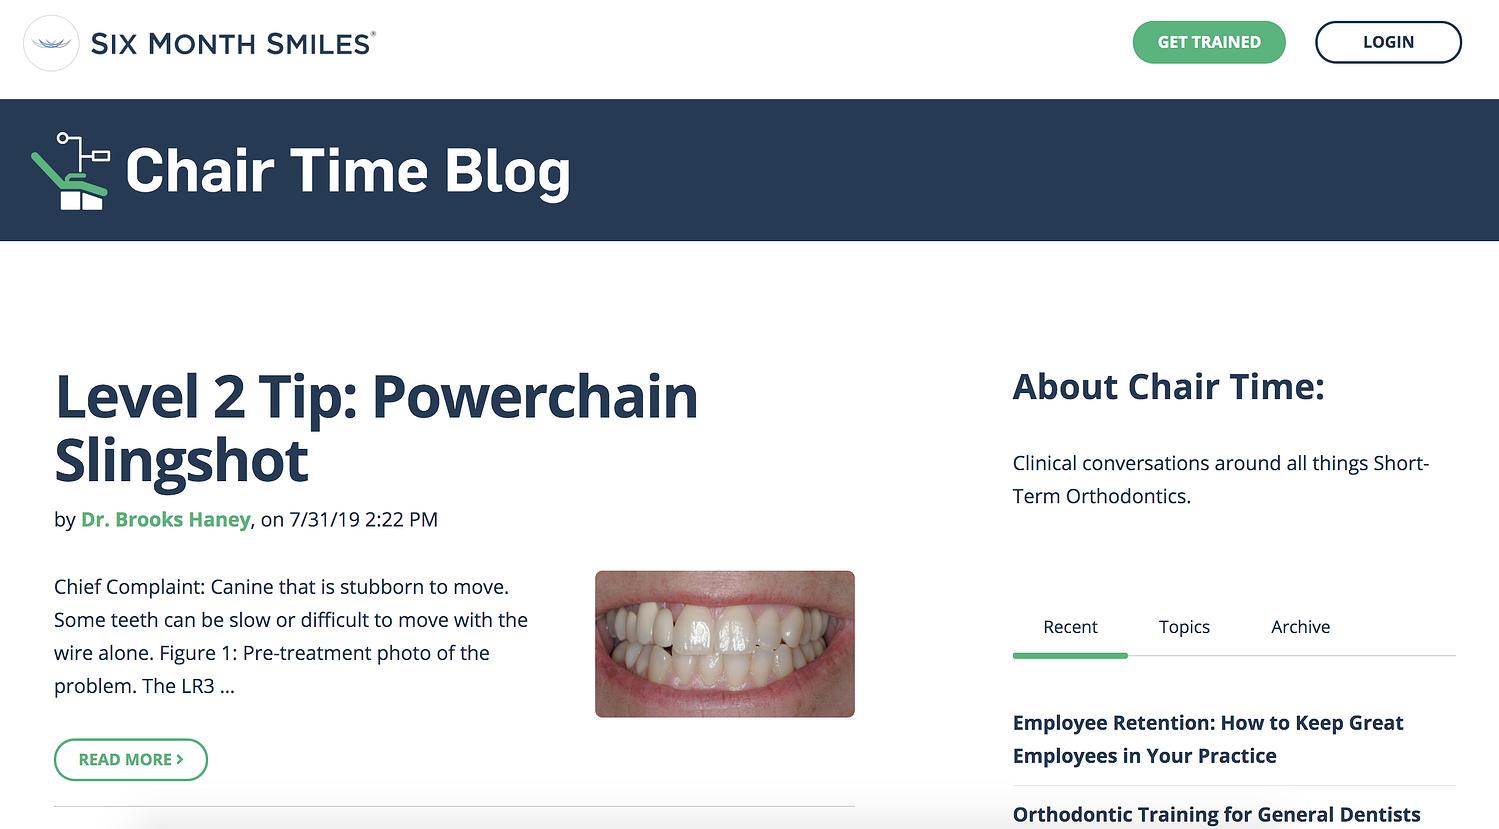 sei mesi-smiles-blog